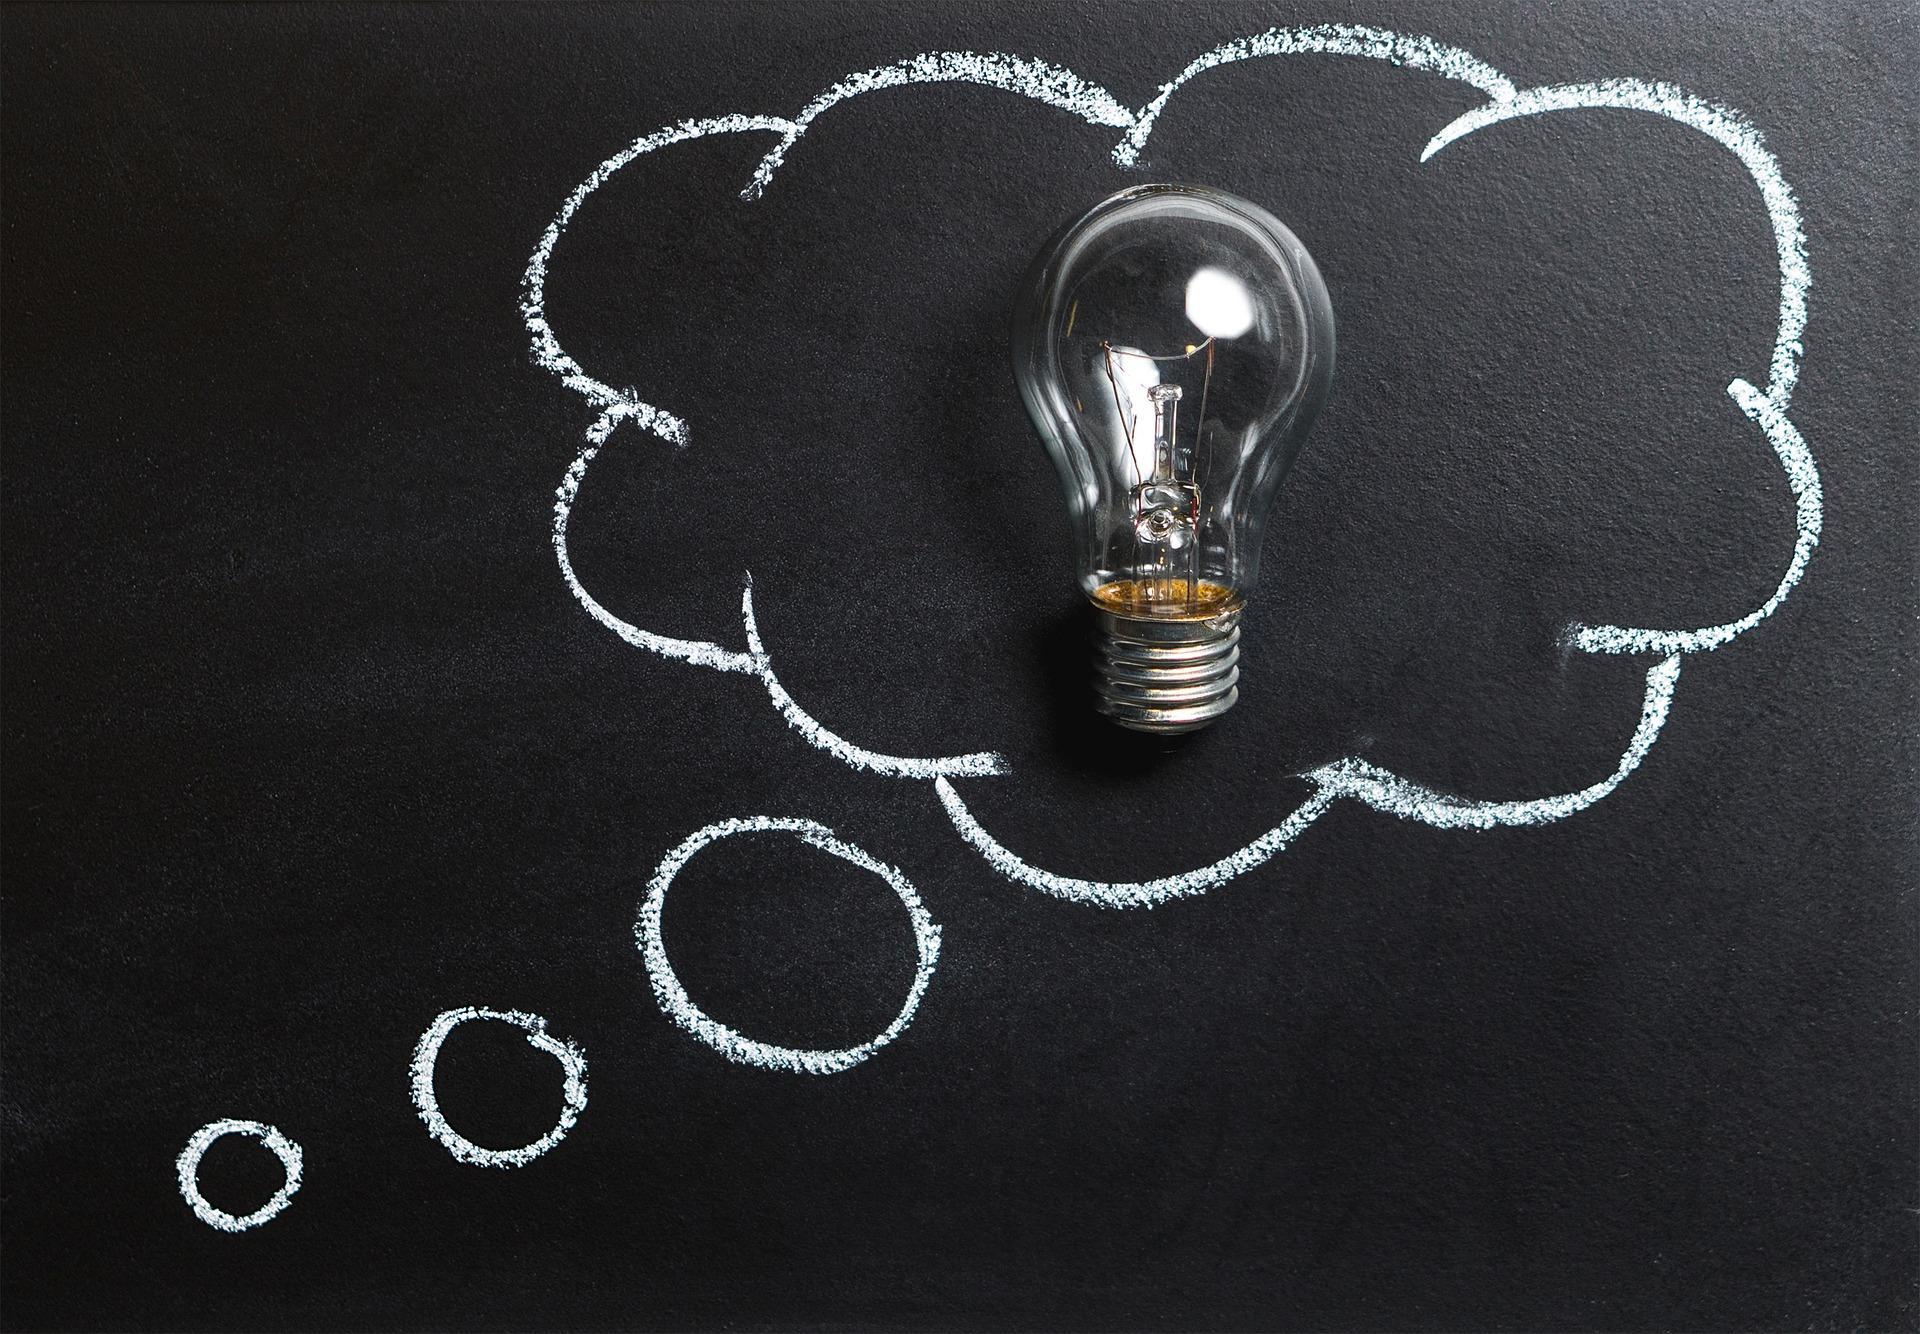 Patentübertragung und mittelbare Patentverletzung